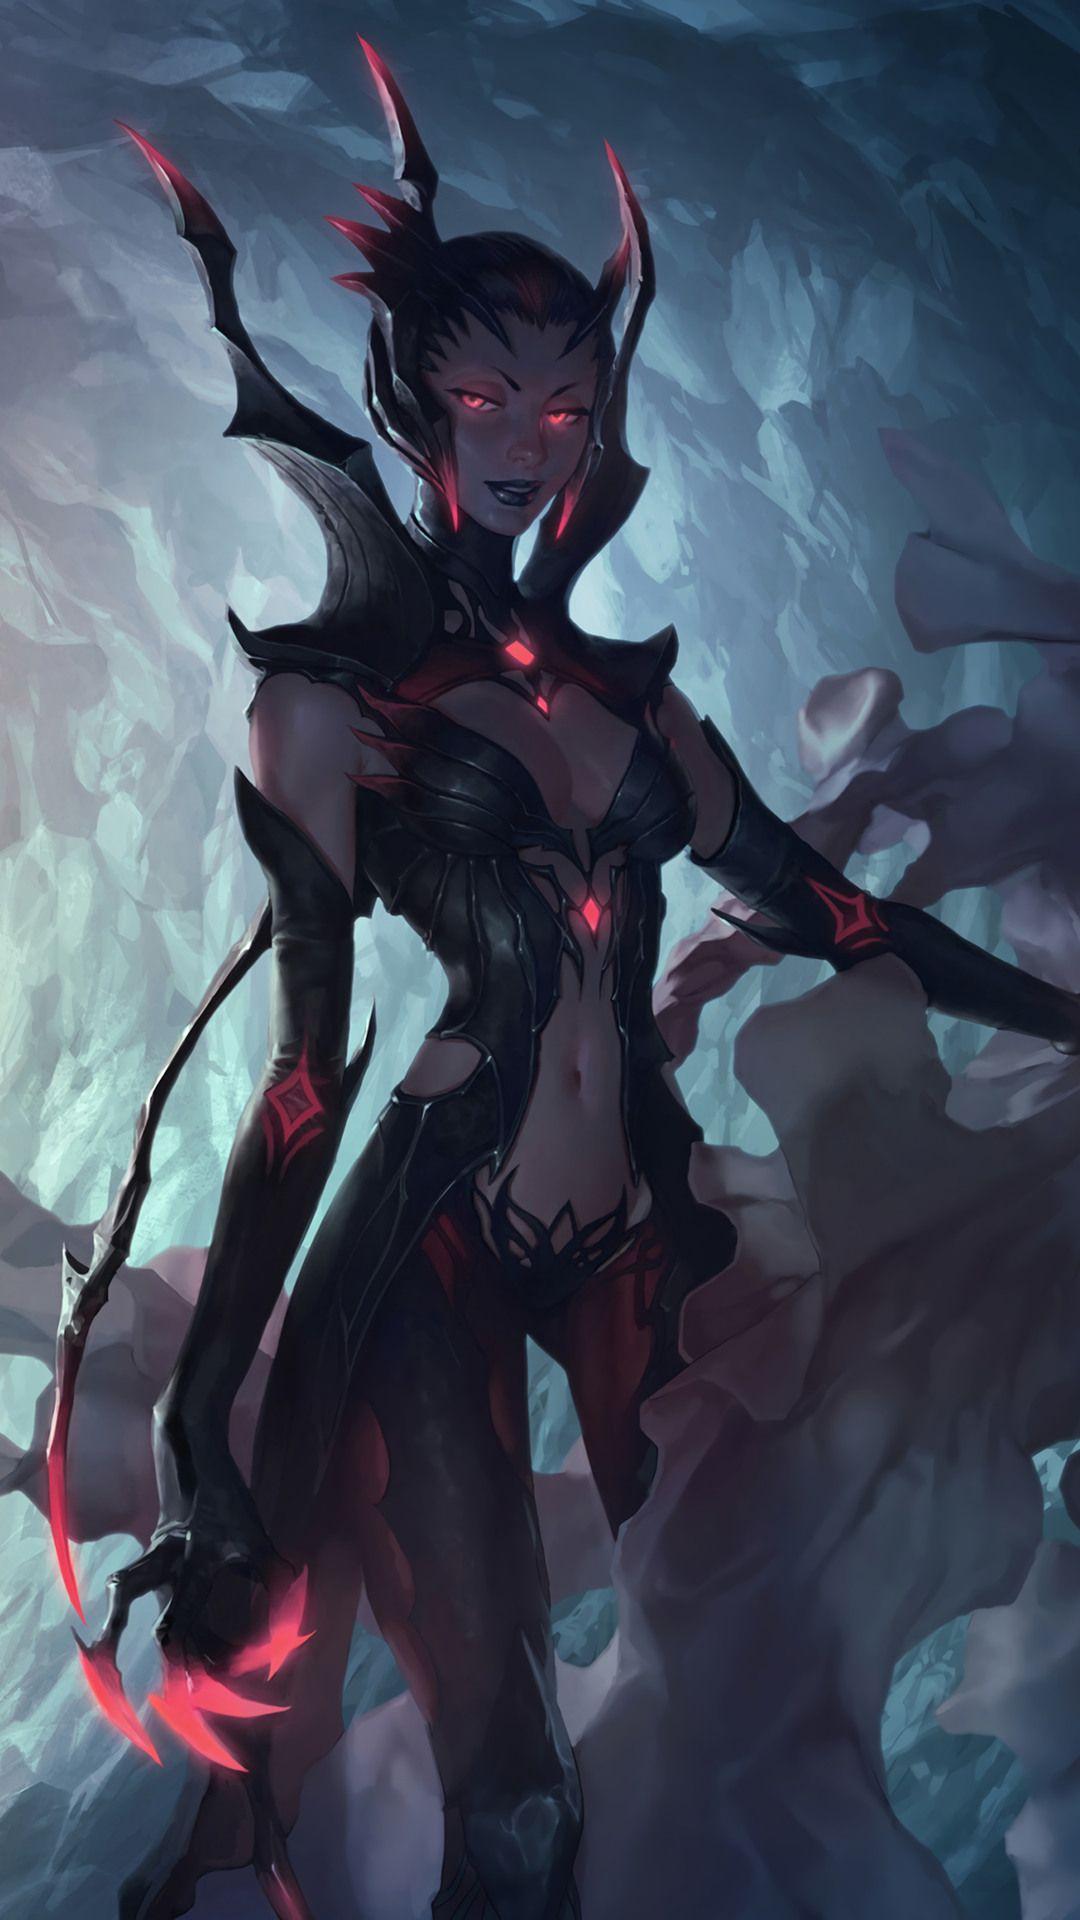 Elise Lor Lol League Of Legends League Of Legends Characters League Of Legends Poster